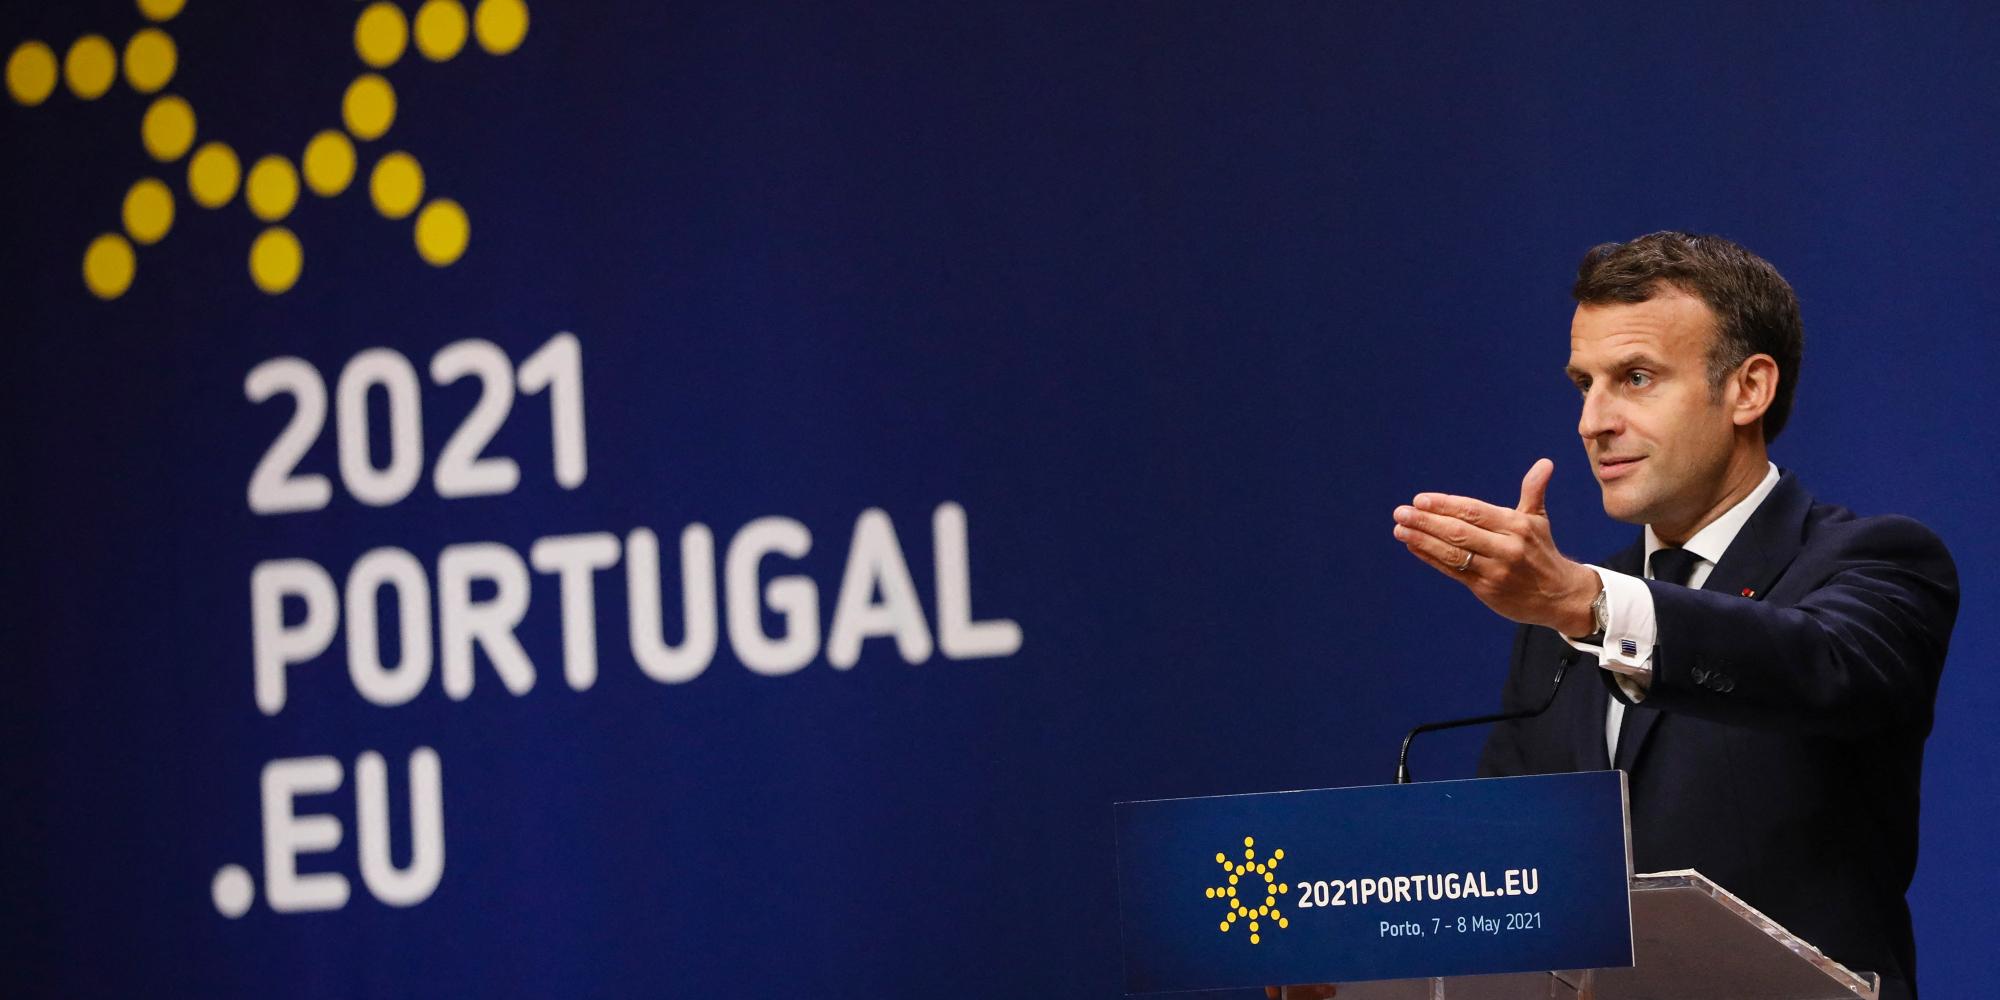 Vaccins : à Porto, le bras de fer entre l'Europe et les Etats-Unis